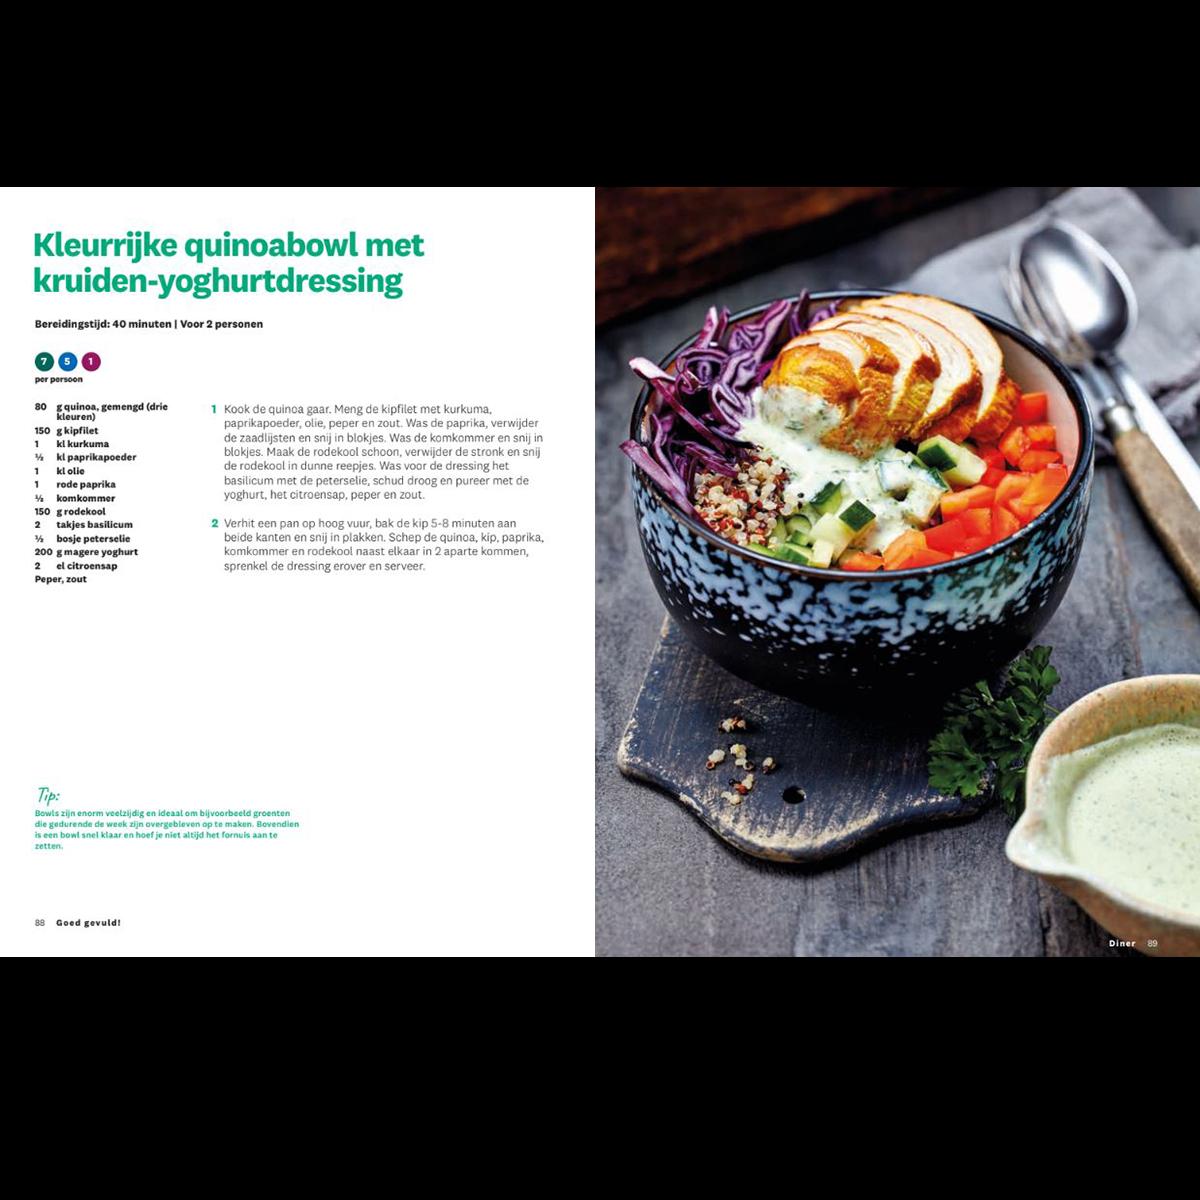 Goed gevuld! kleurrijke quinoabowl met kruiden-yoghurtdressing